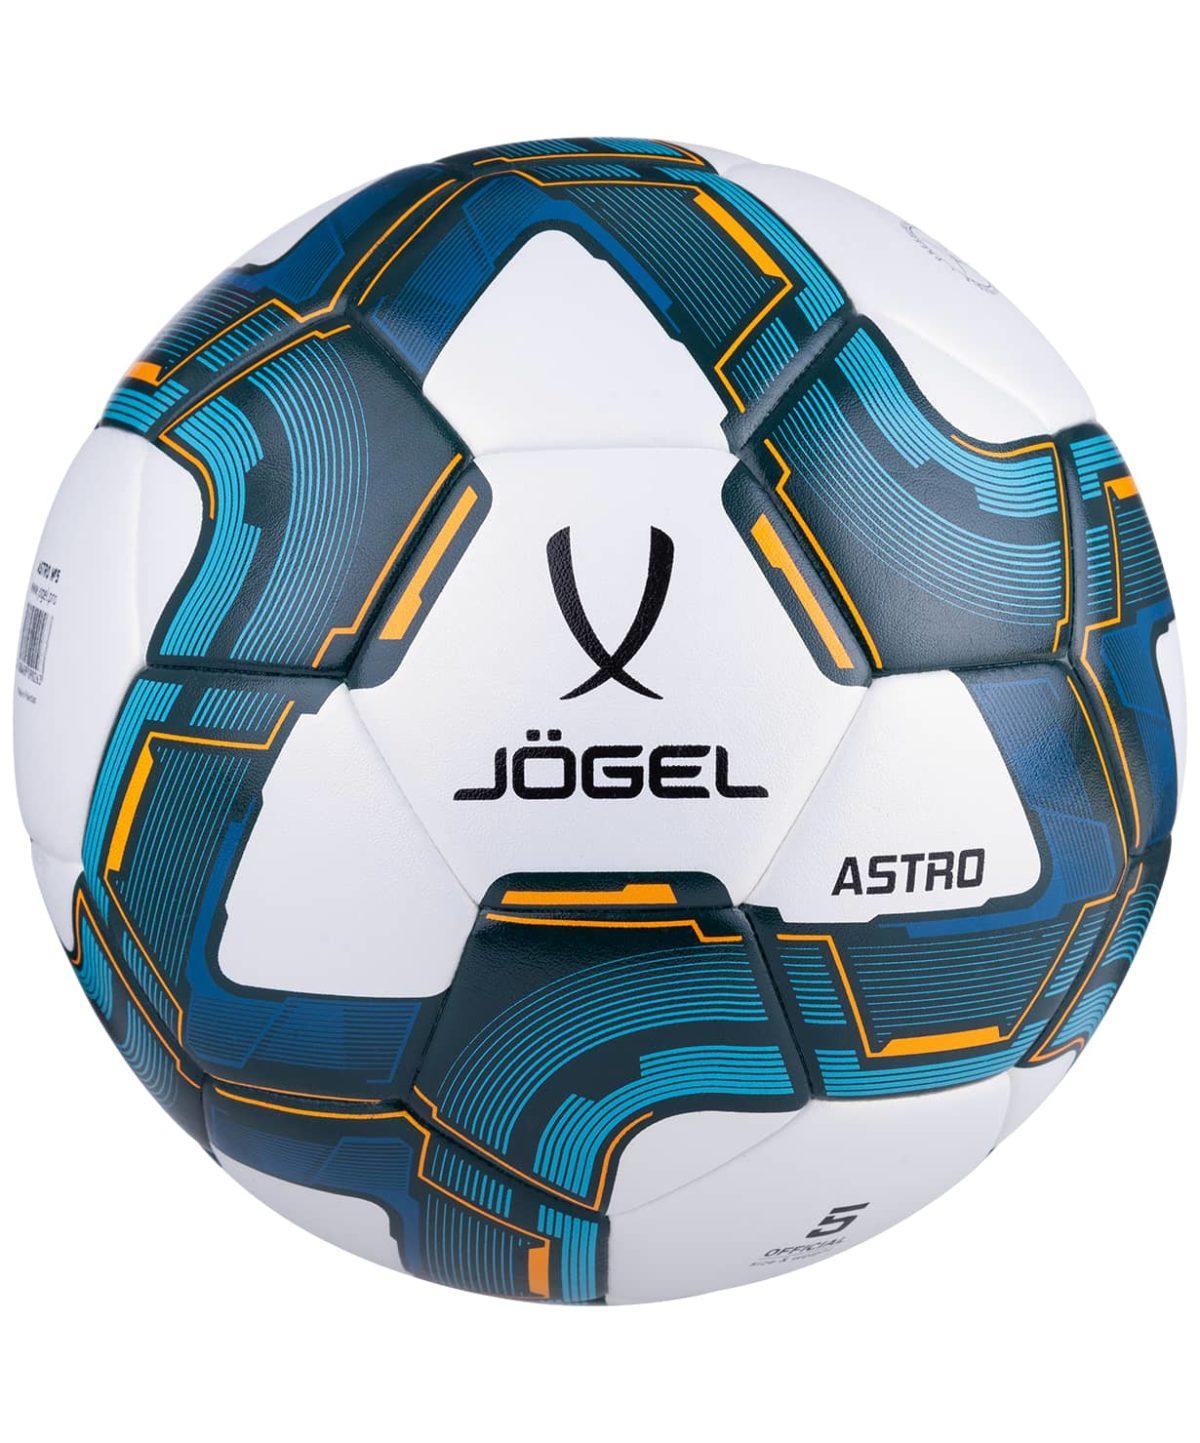 JOGEL Astro Мяч футбольный  Astro №5 (BC20) - 1